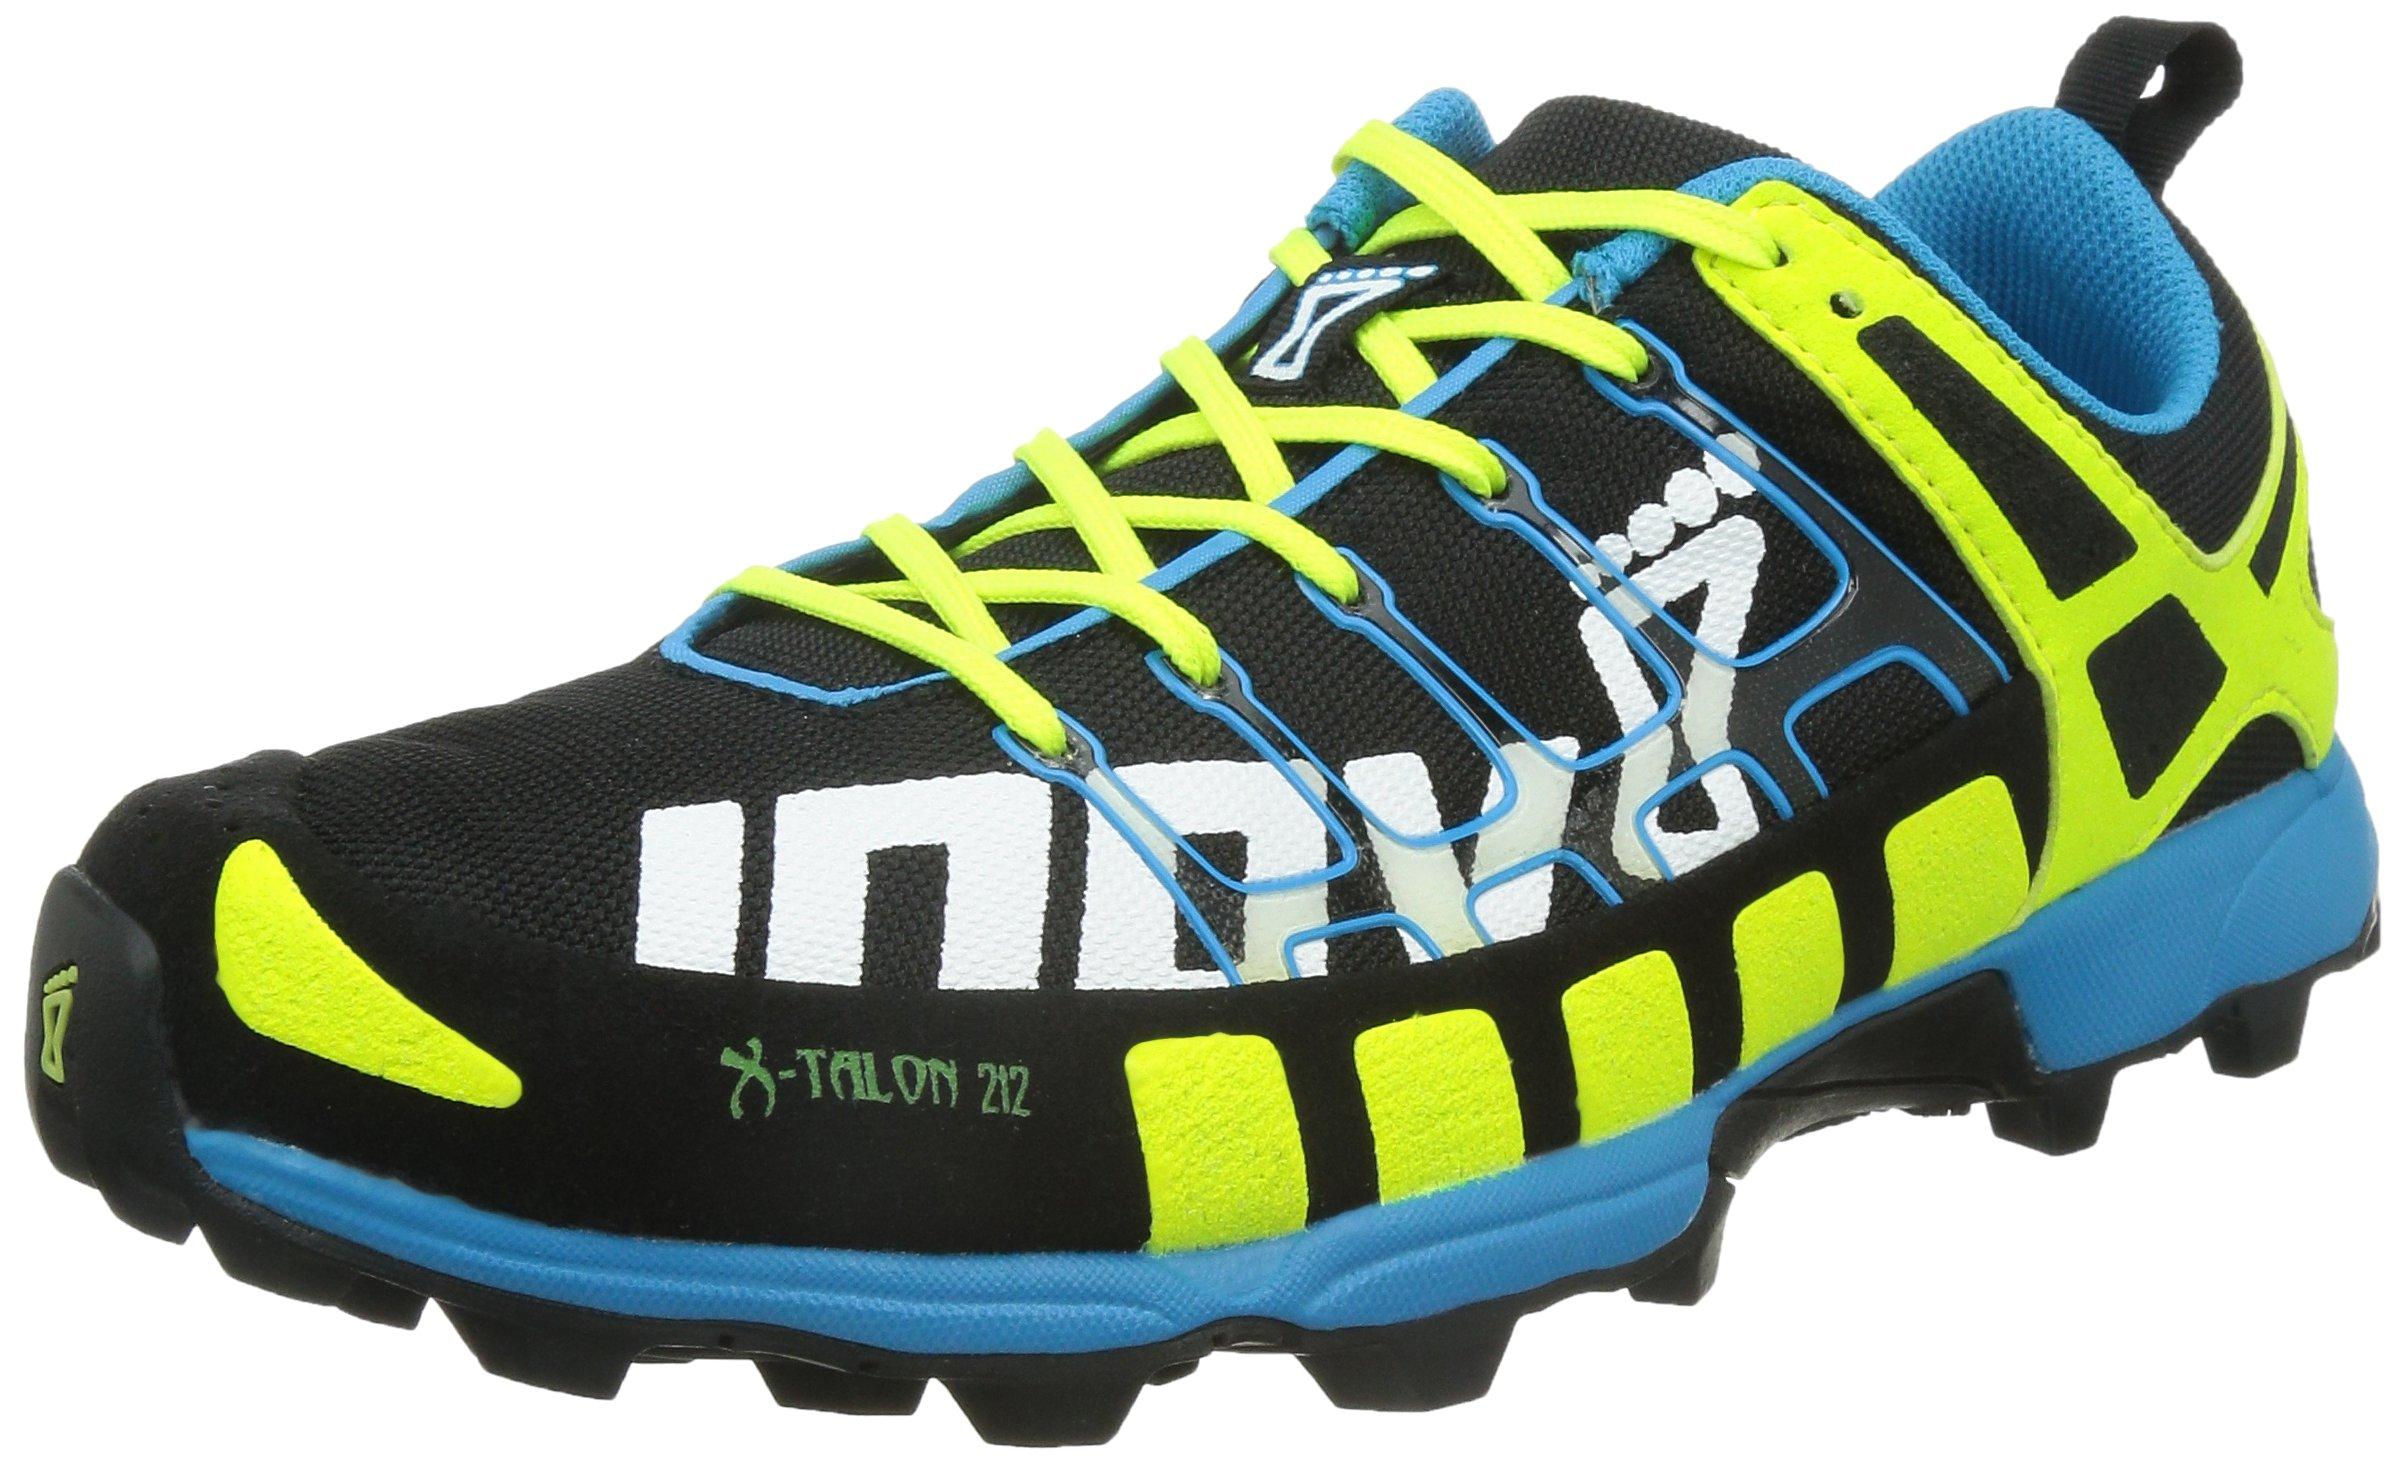 Inov-8 X-Talon 212 Trail Unisex Running Shoe,Black/Yellow/Blue,11 M/12.5 W by Inov-8